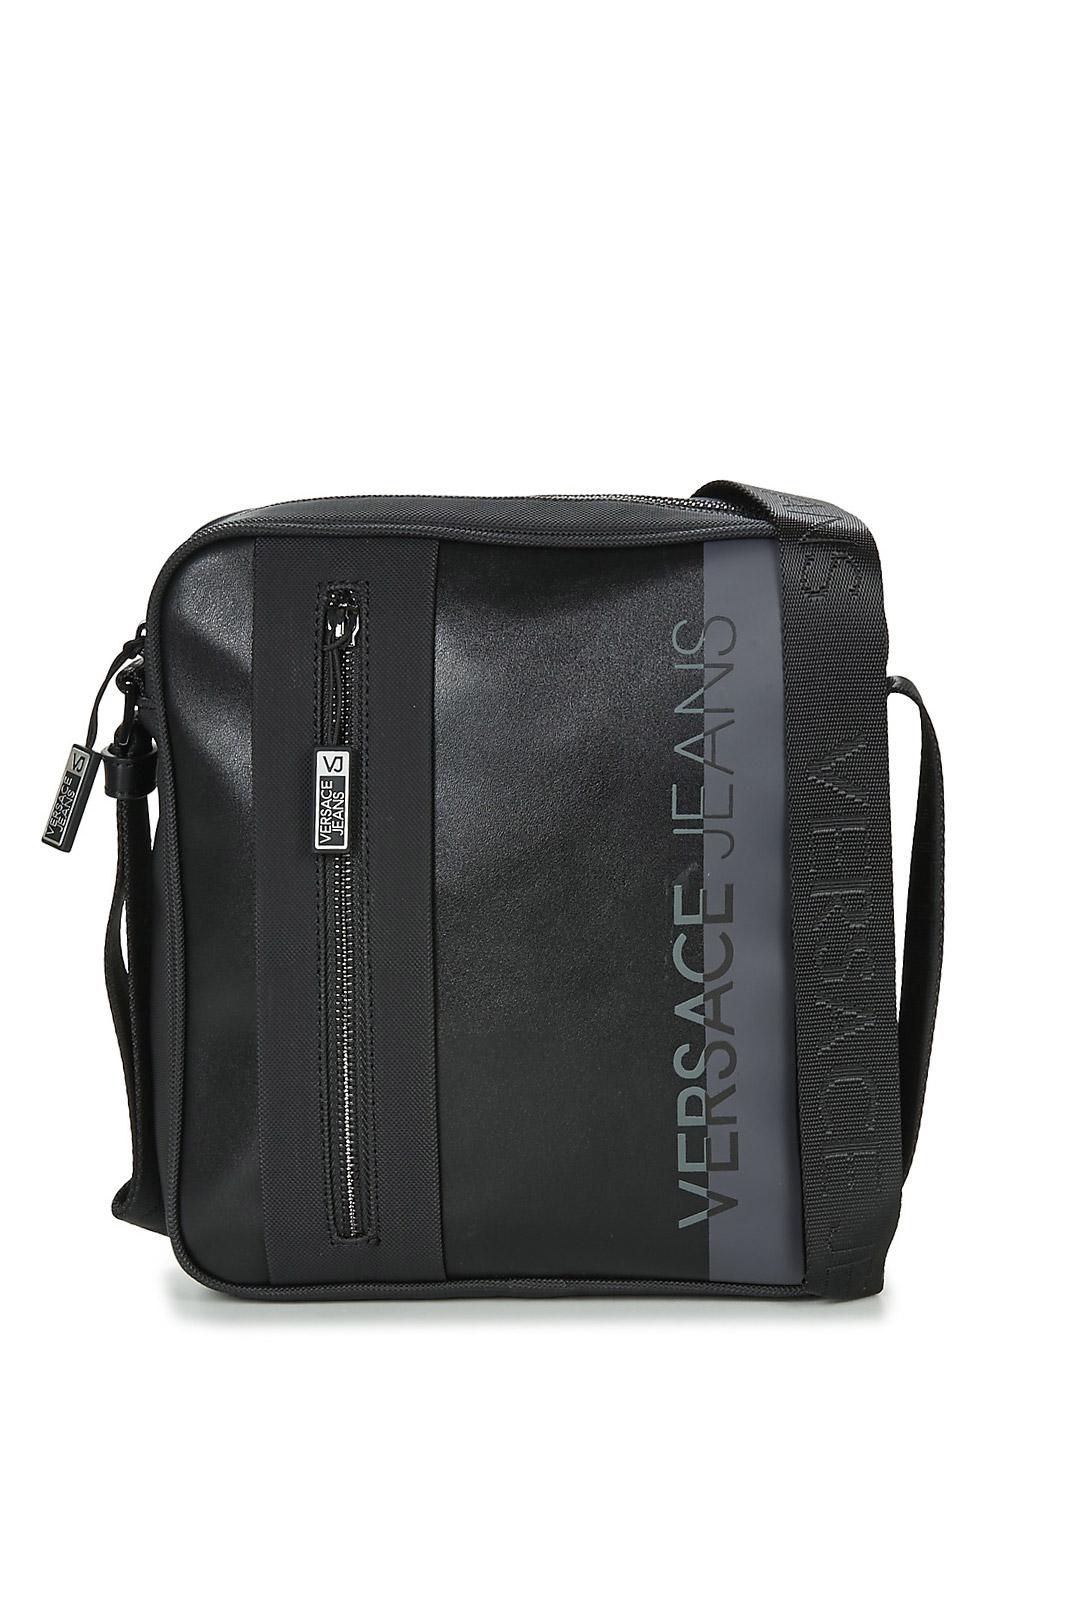 Sacs / Portefeuilles  Versace Jeans YRBB14 899 NOIR